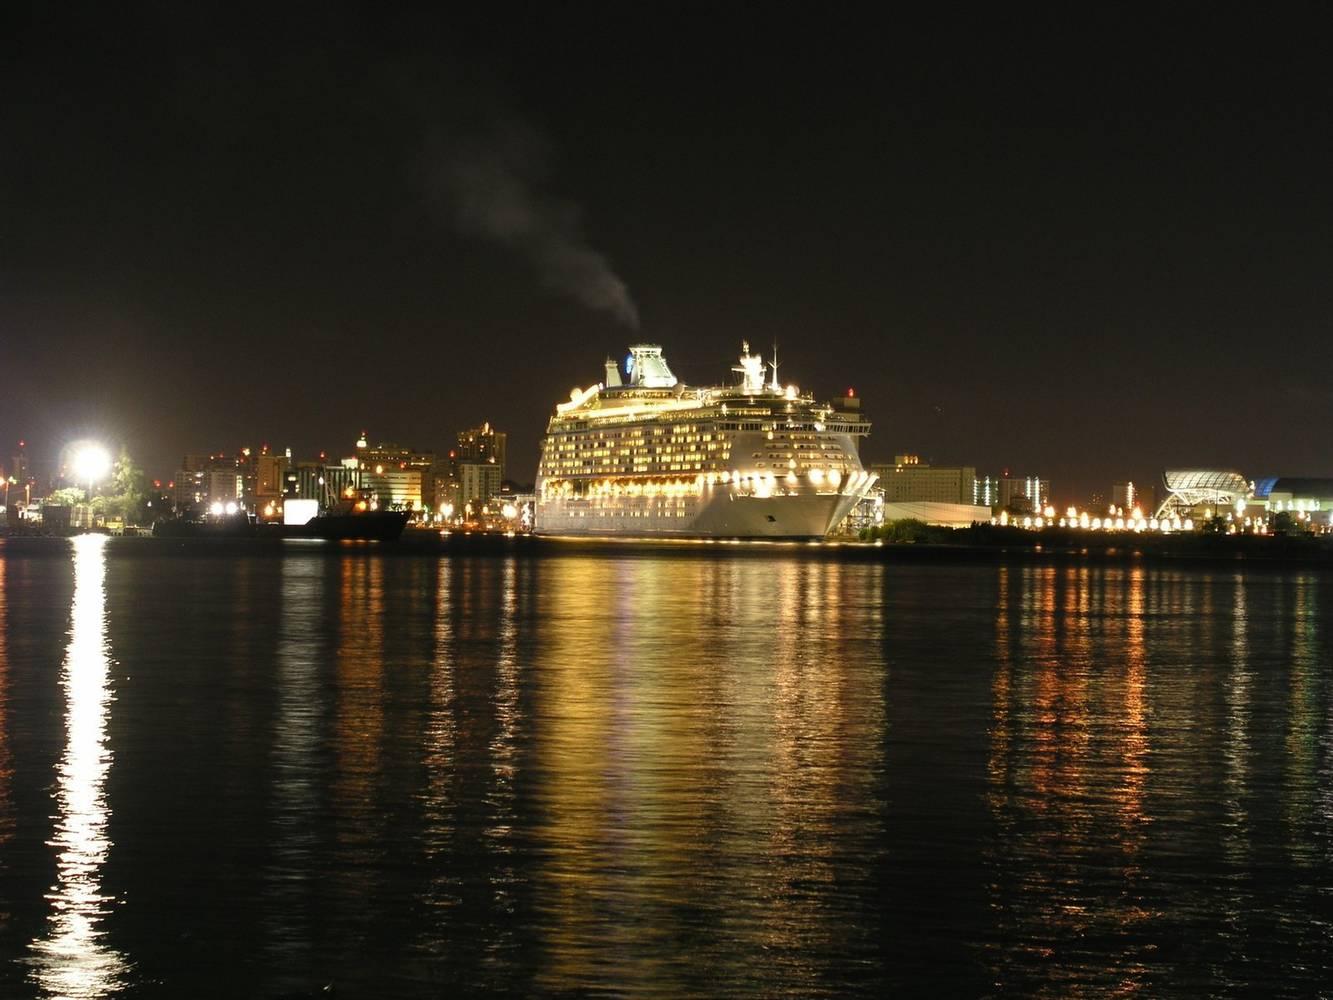 cruise-night Restaurant Zalen van Veen